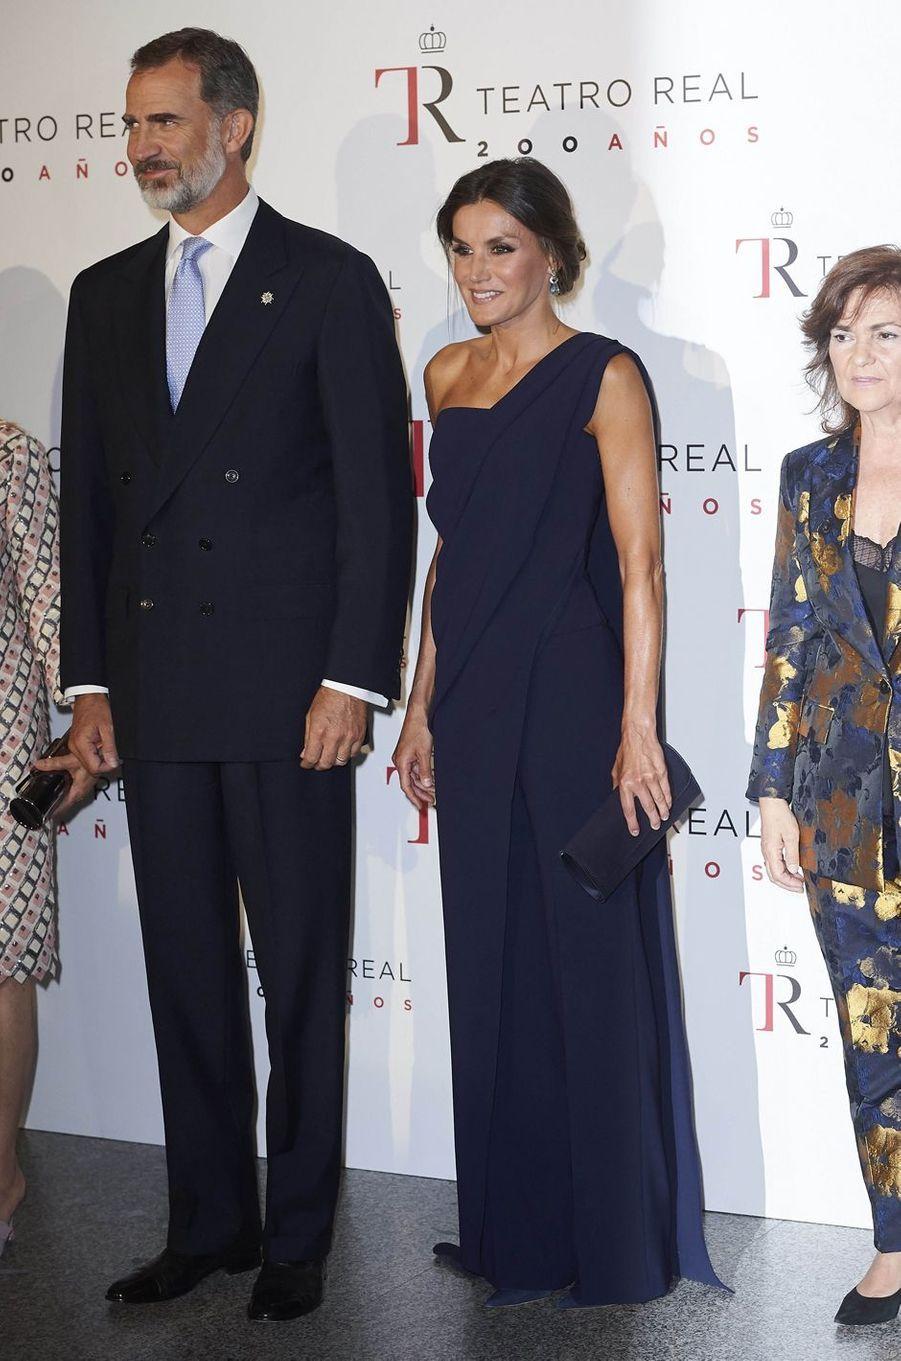 La reine Letizia et le roi Felipe VI d'Espagne à Madrid, le 19 septembre 2018